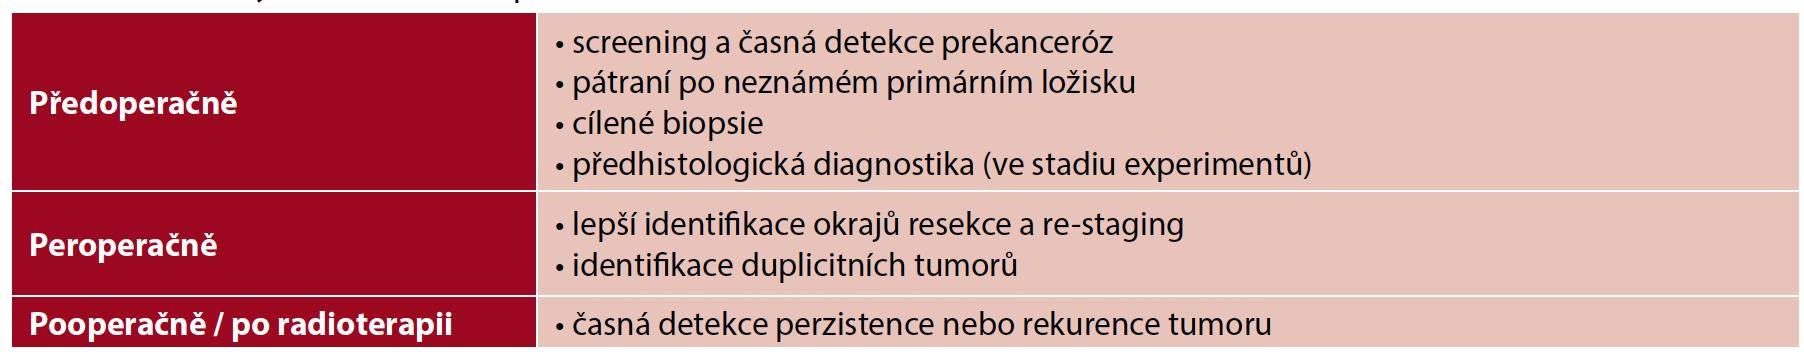 Možnosti využití NBI endoskopie